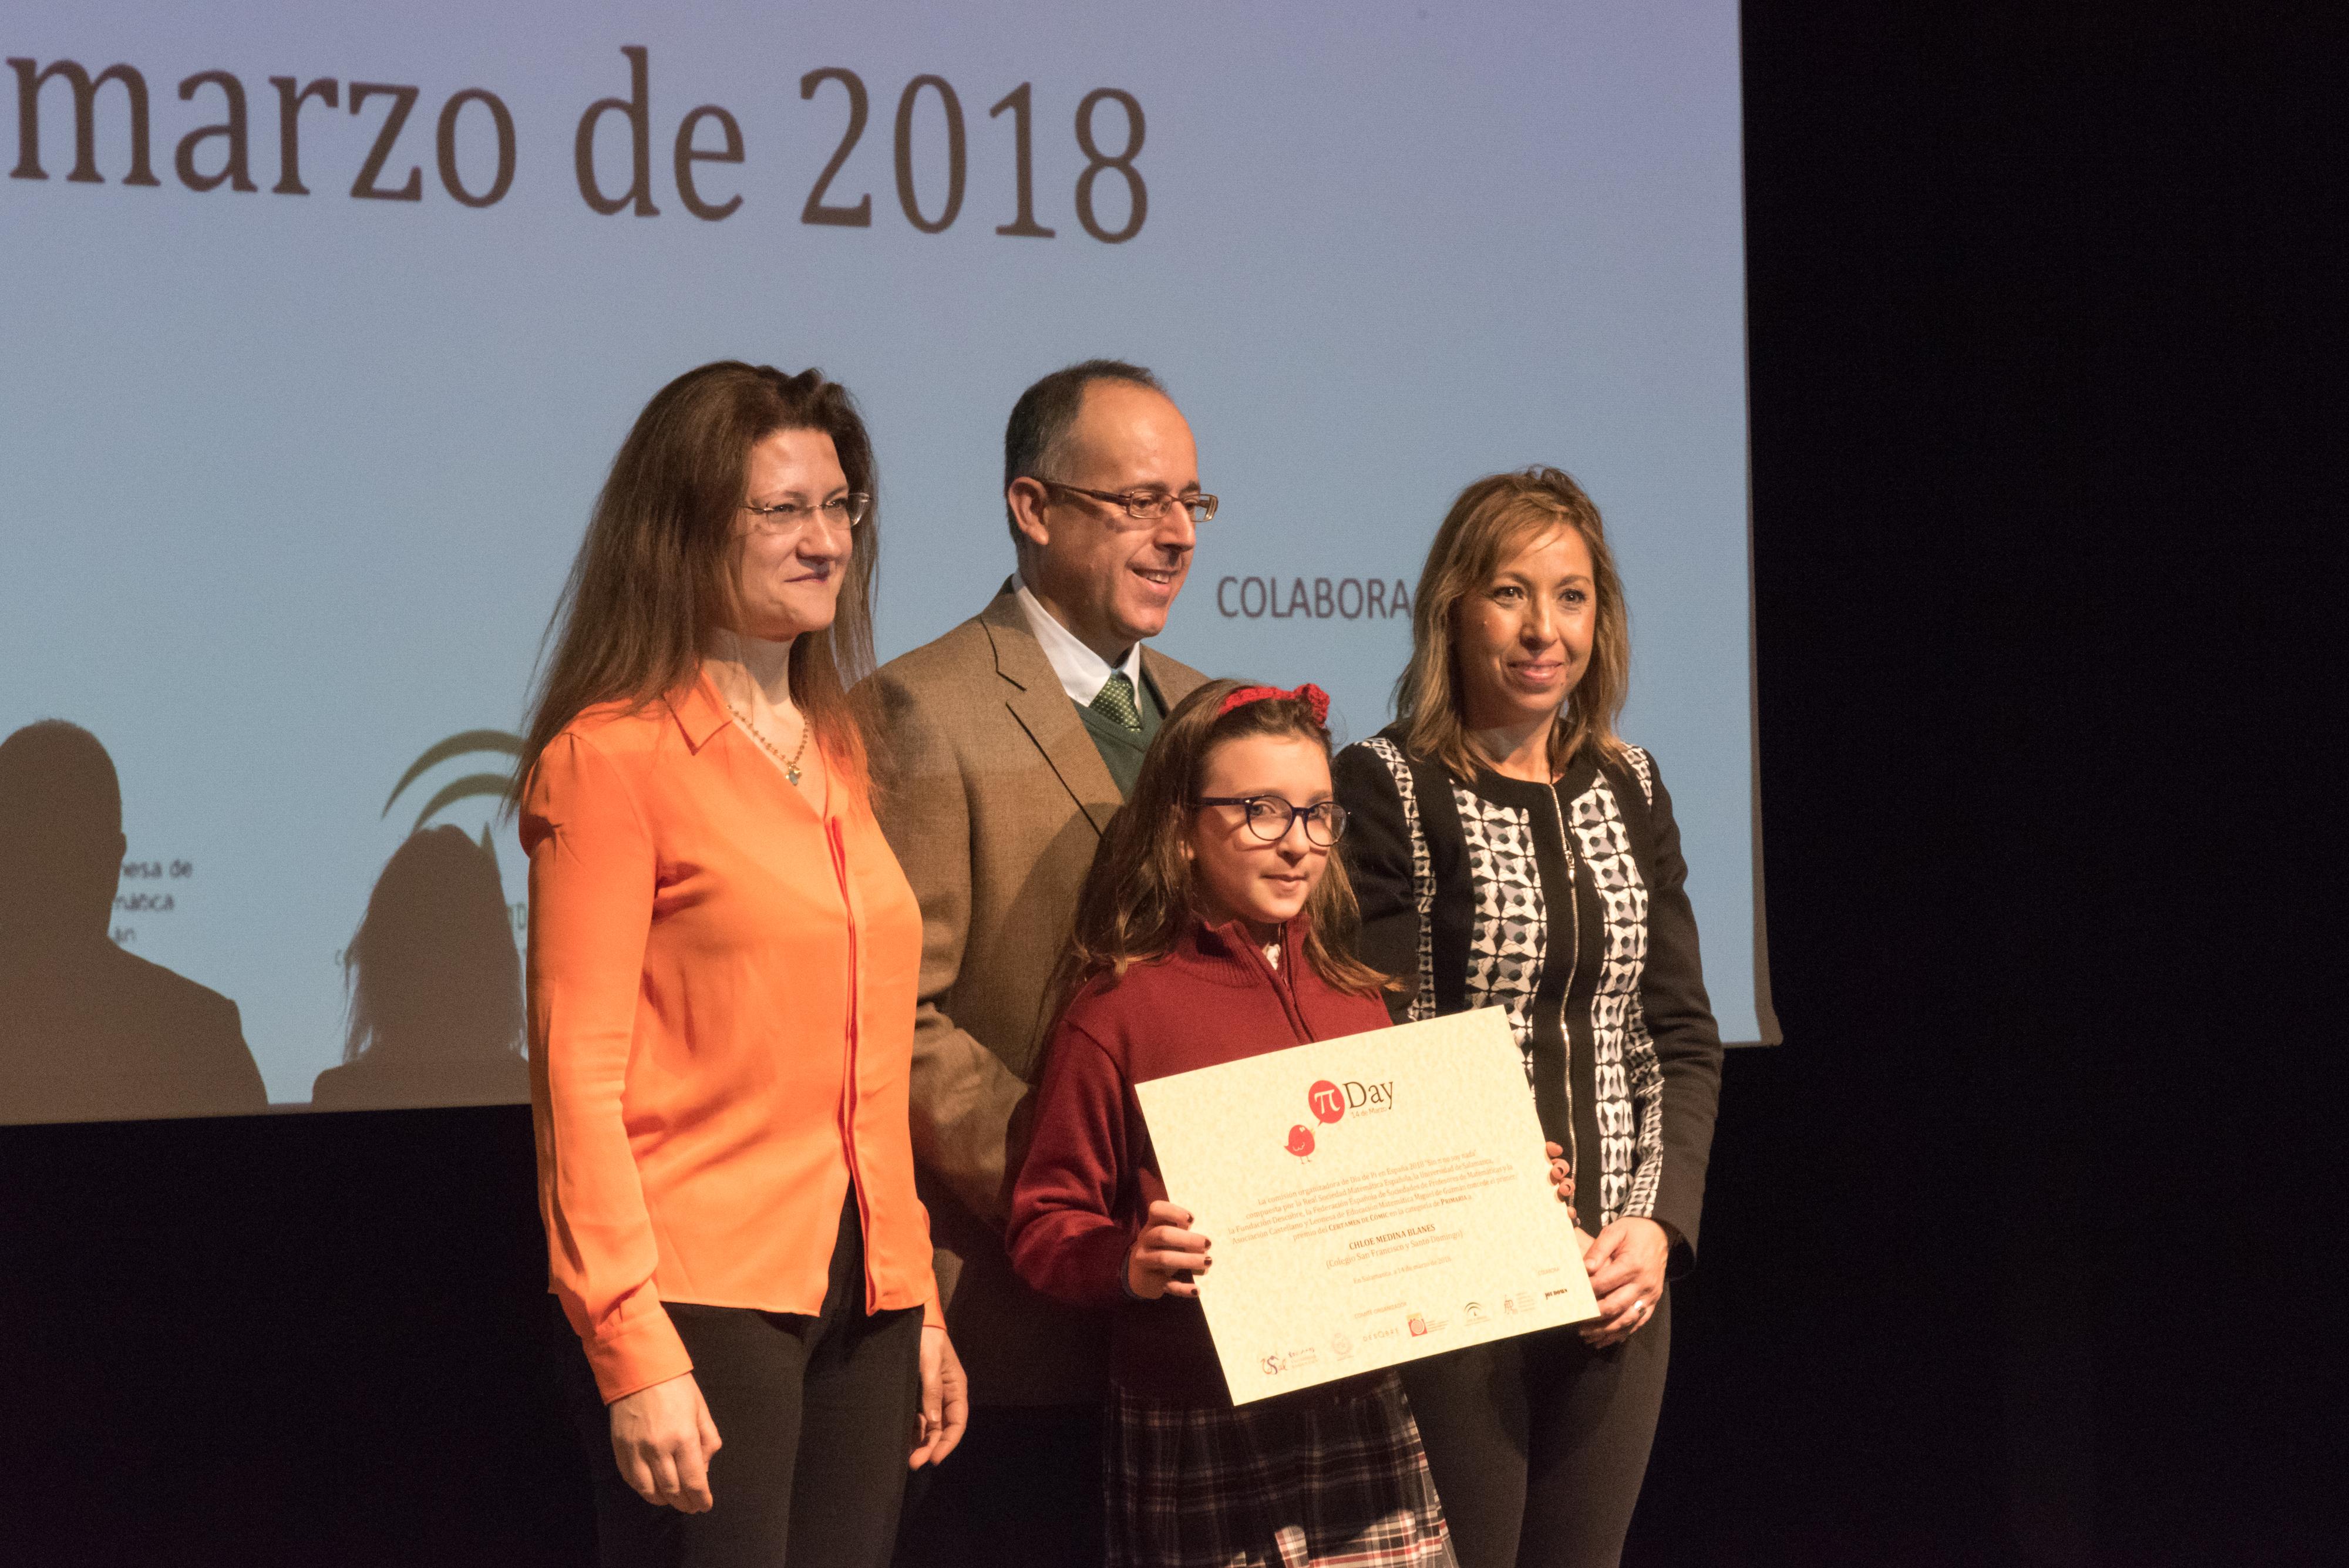 Centenares de estudiantes de primaria y secundaria asisten en la Universidad de Salamanca al evento central de la celebración del Día π en España